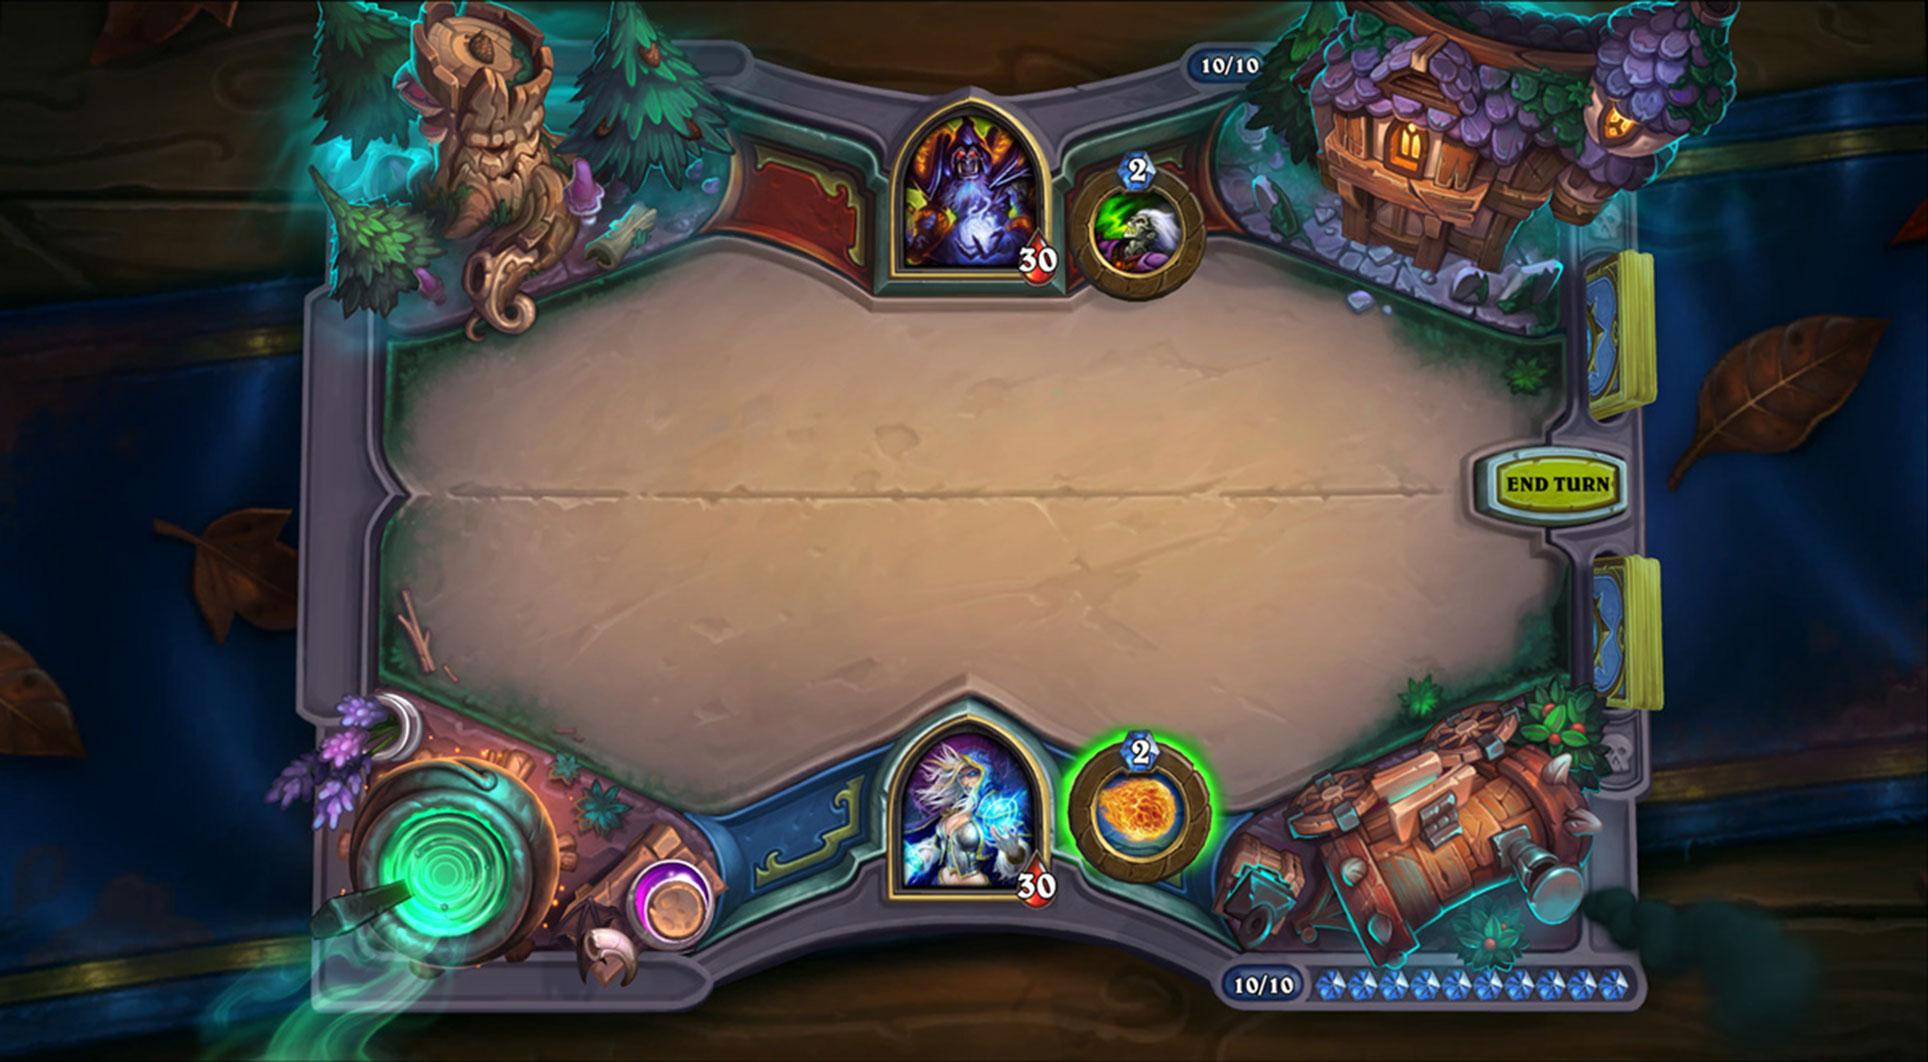 Fans von Blizzards digitalem Sammelkarten-Spiel dürfen sich dabei über ein neues Spielbrett freuen...